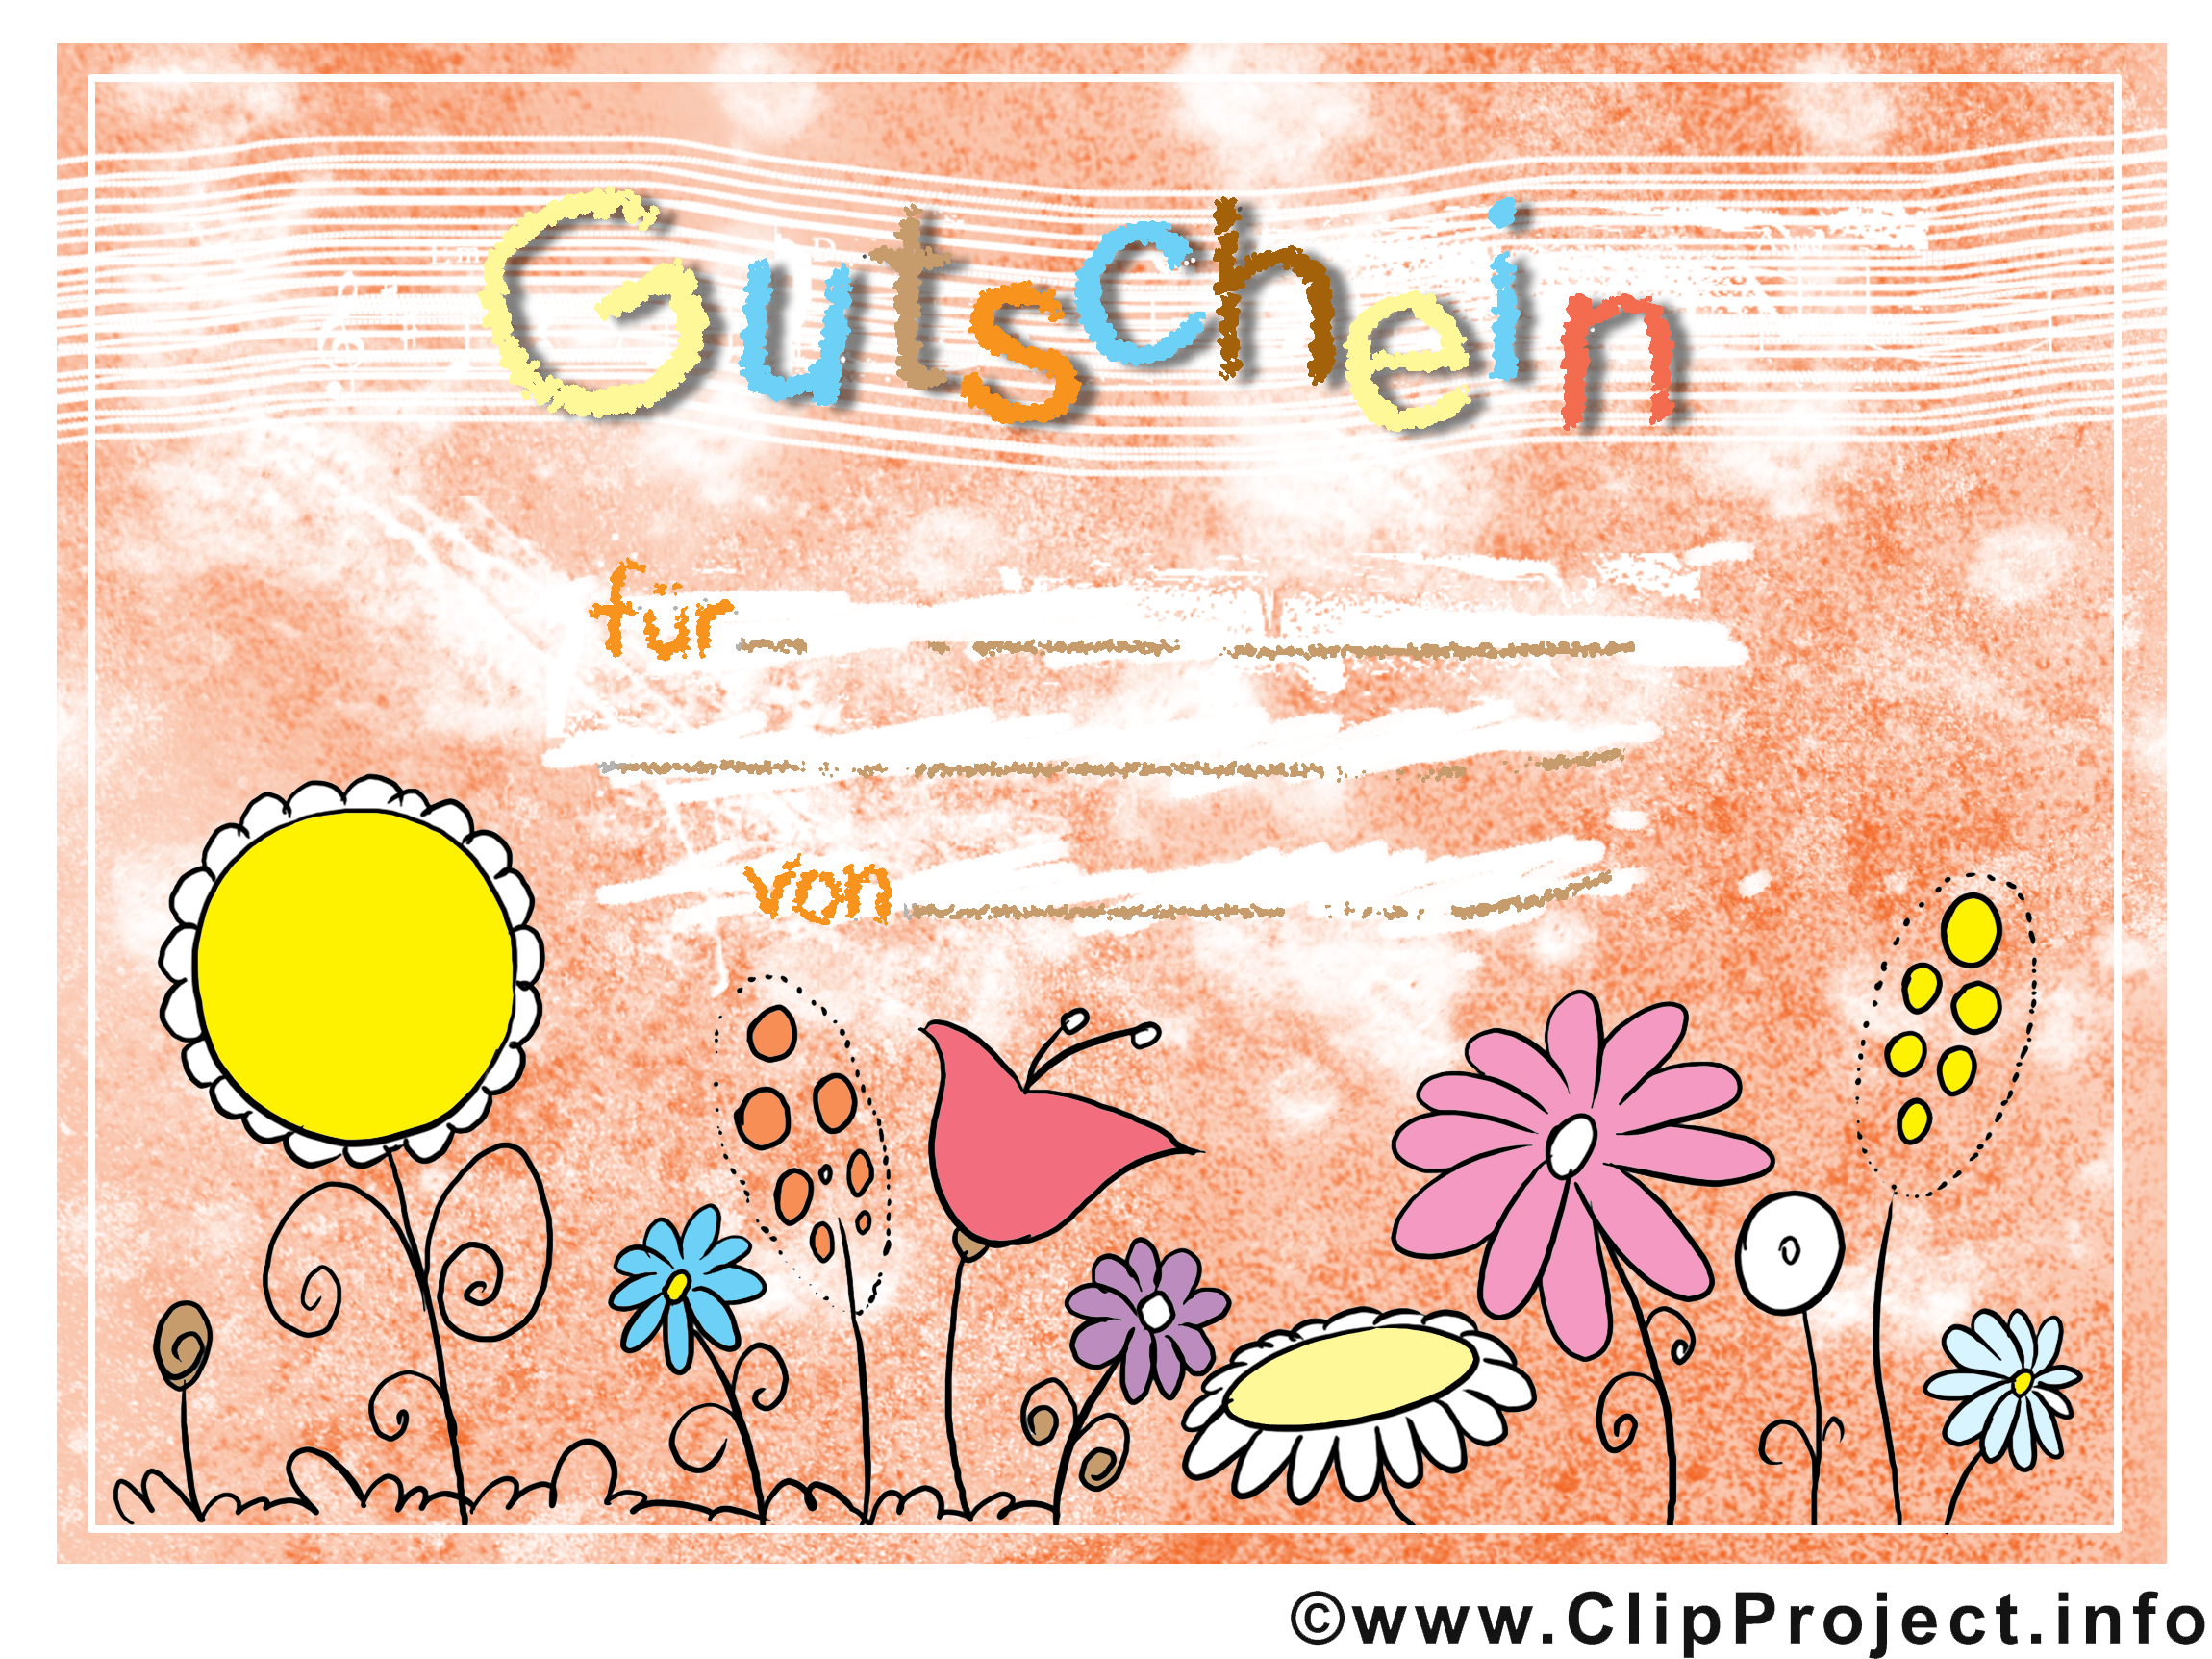 Clipart gutschein geburtstag clip art free stock Gutschein clipart - ClipartFest clip art free stock